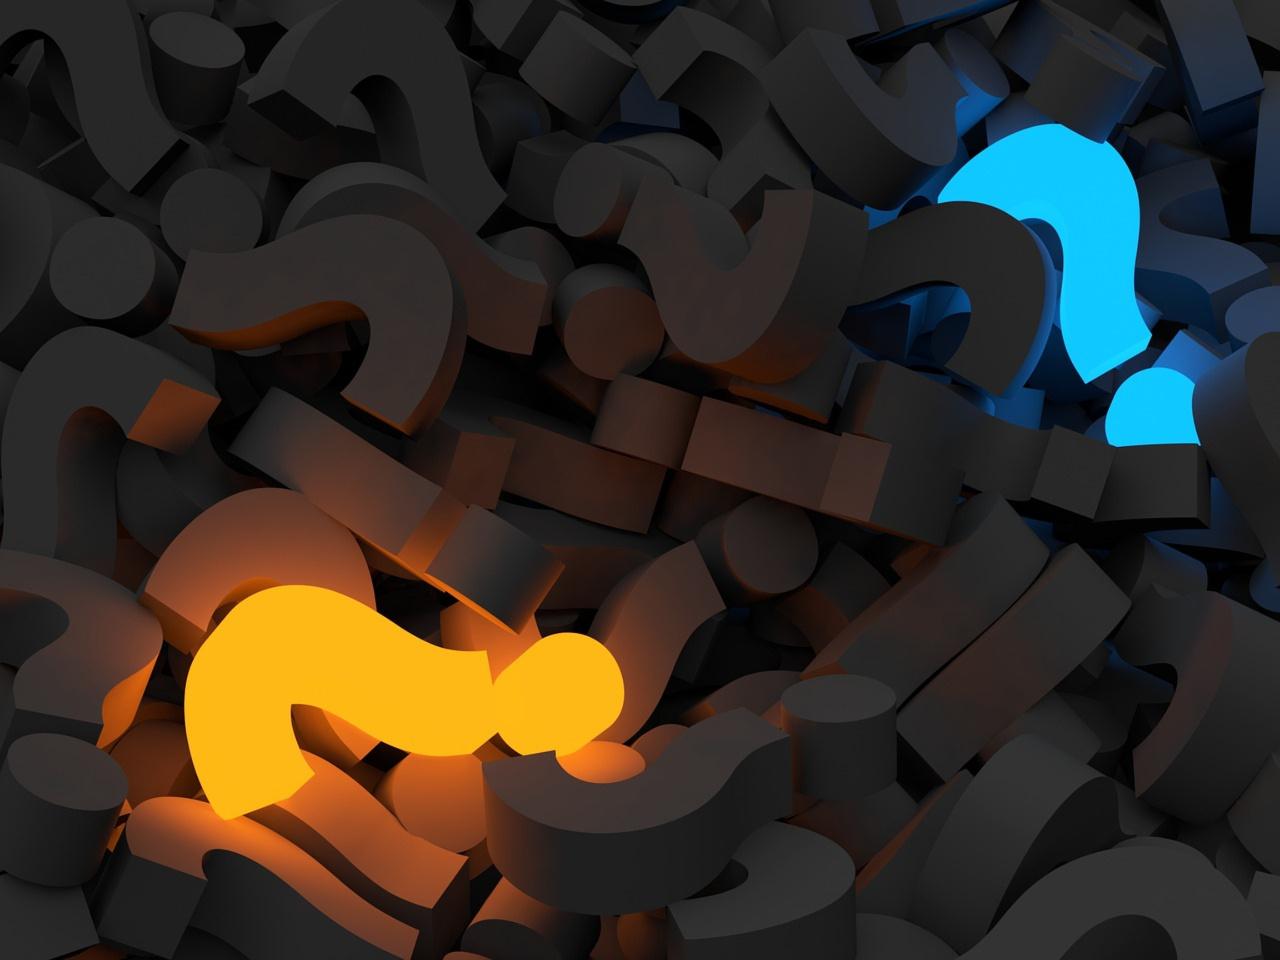 第47話|ビッグなデータ活用になるかどうかの成否を分ける、たった一つの質問